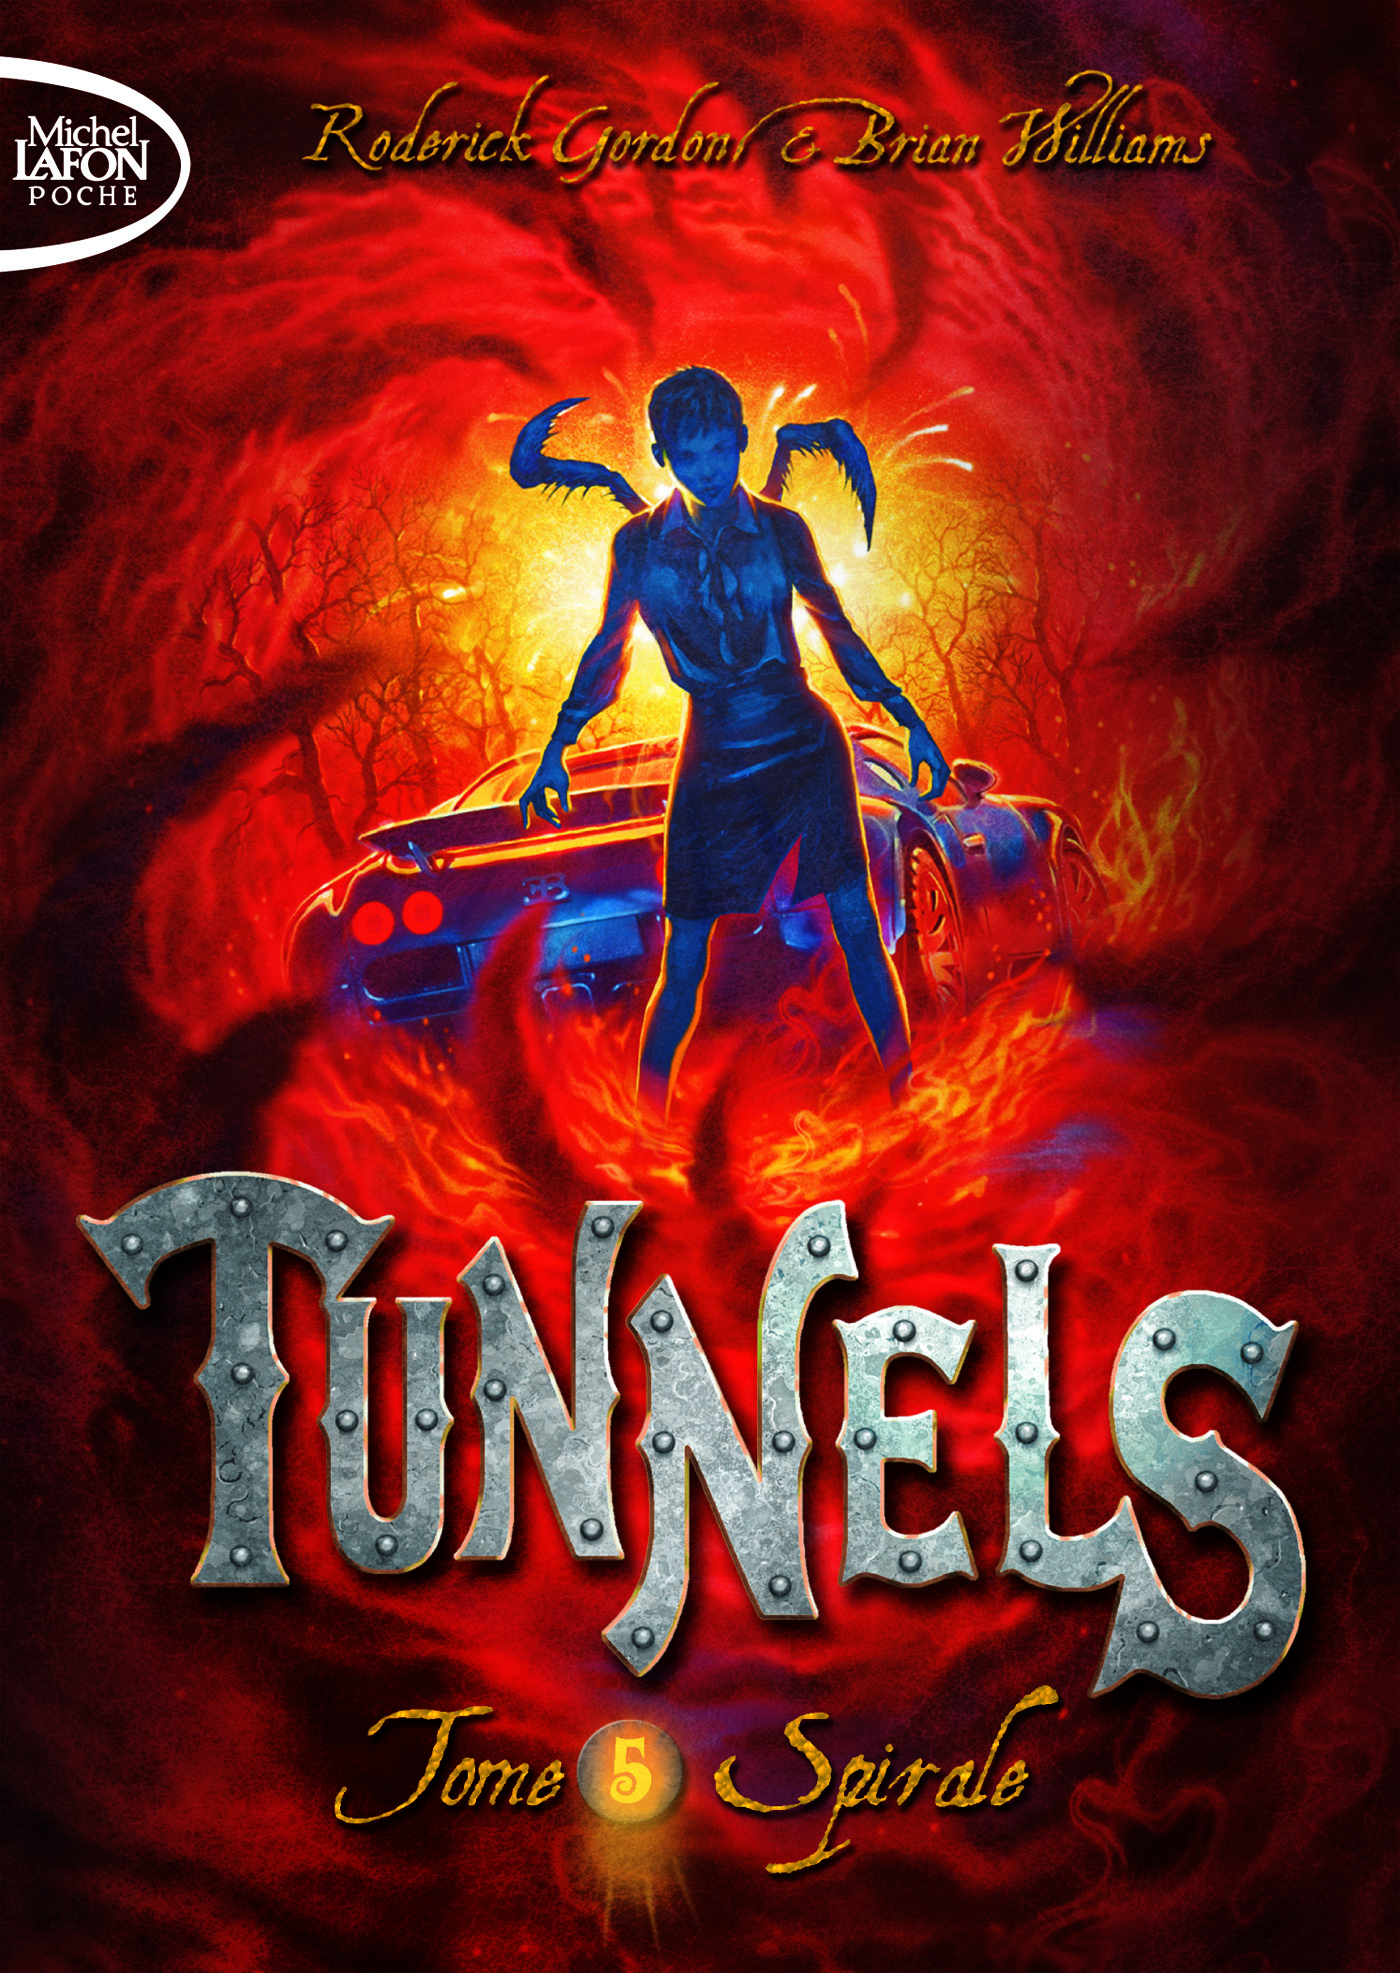 Tunnels Tome 5 : Spirale – POCHE